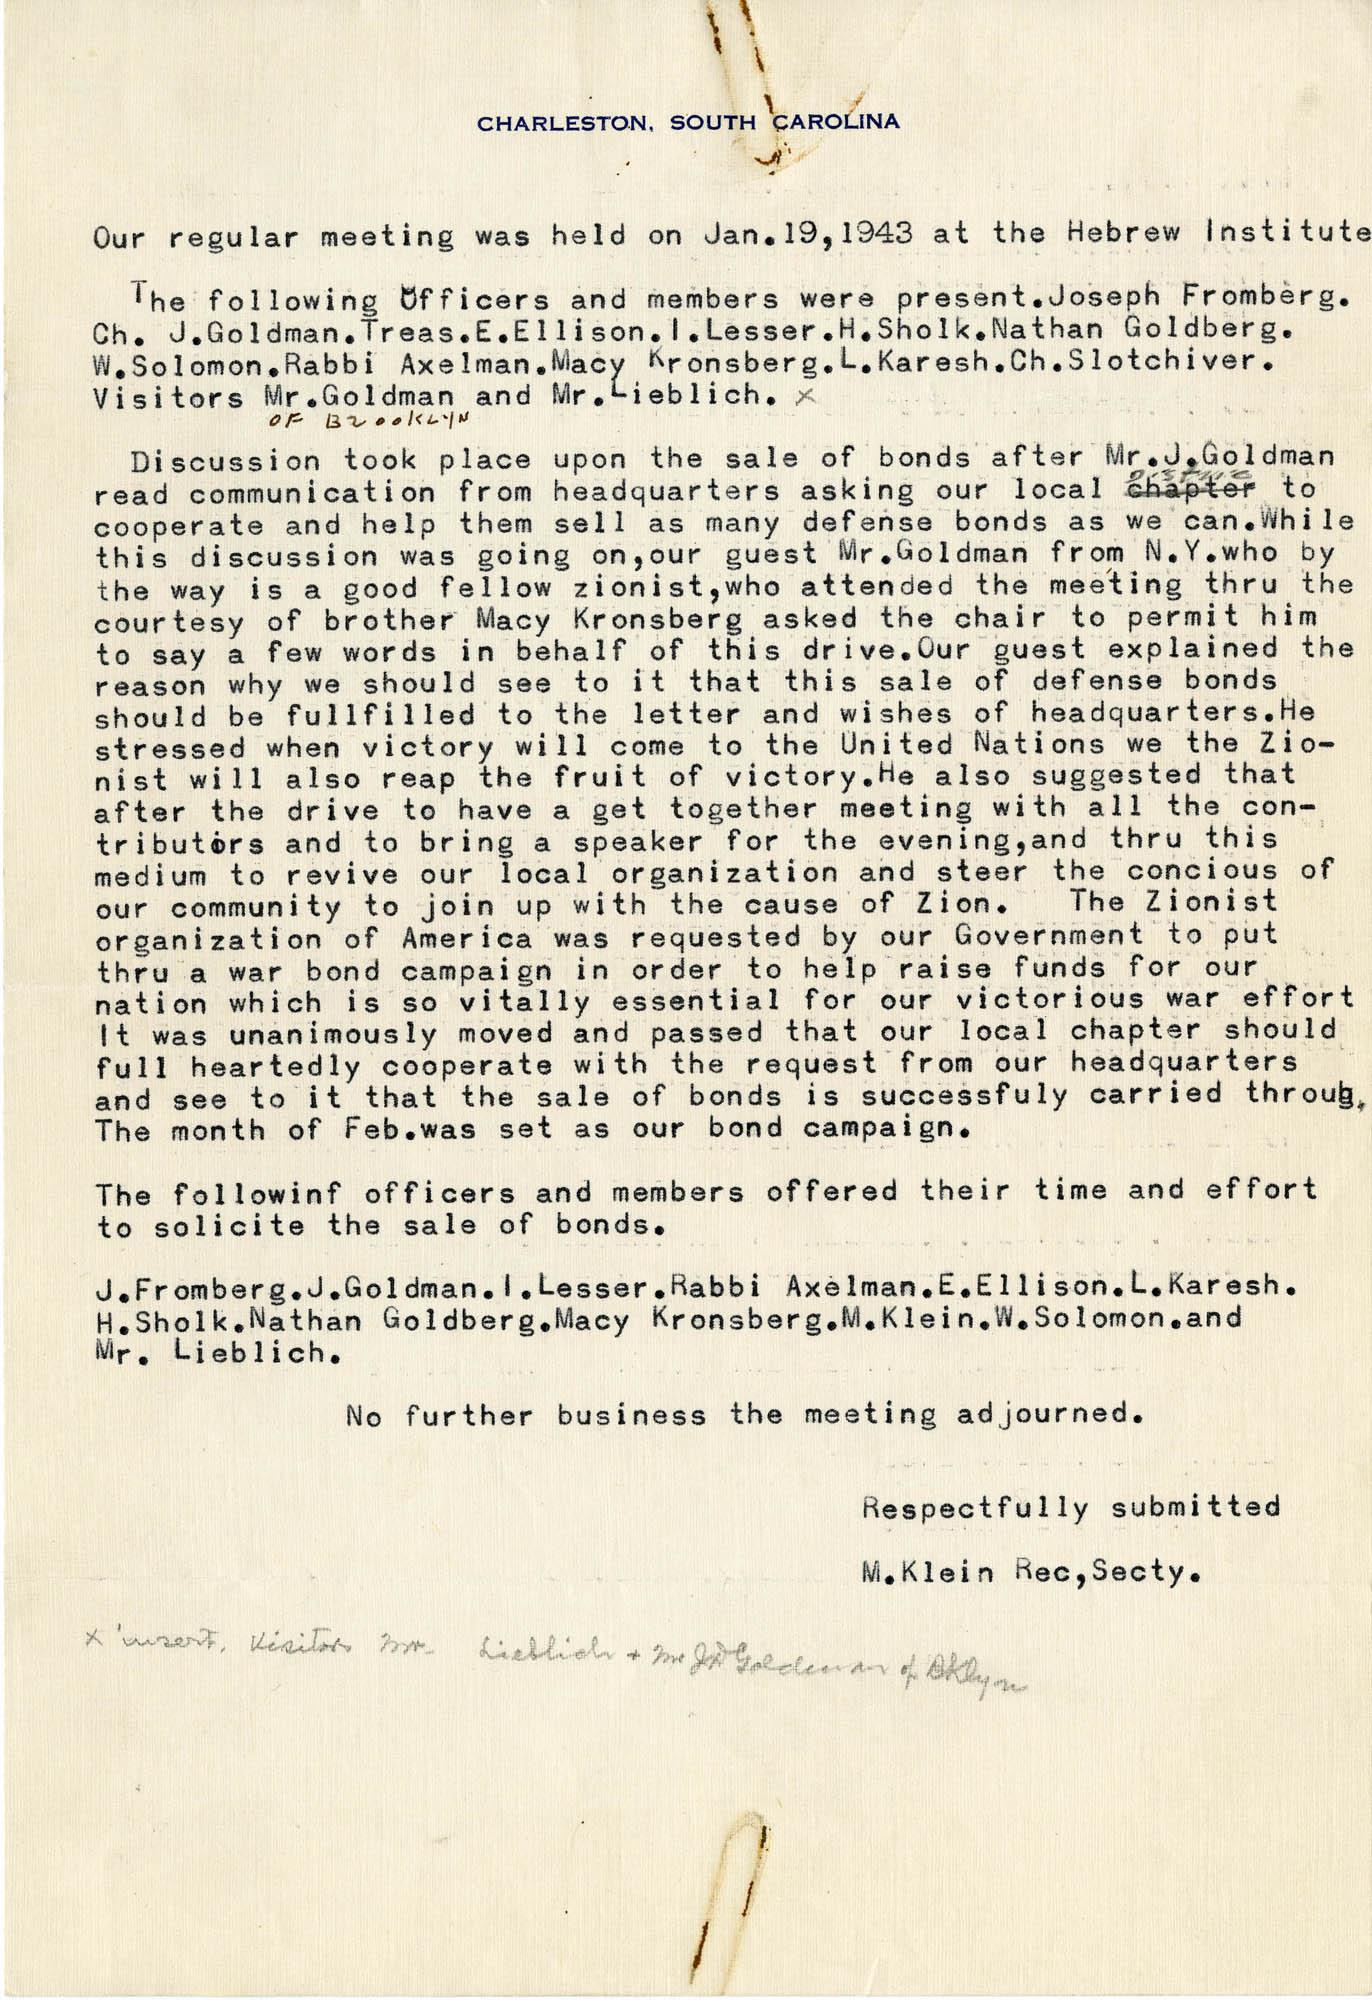 12. January 19, 1943 Minutes